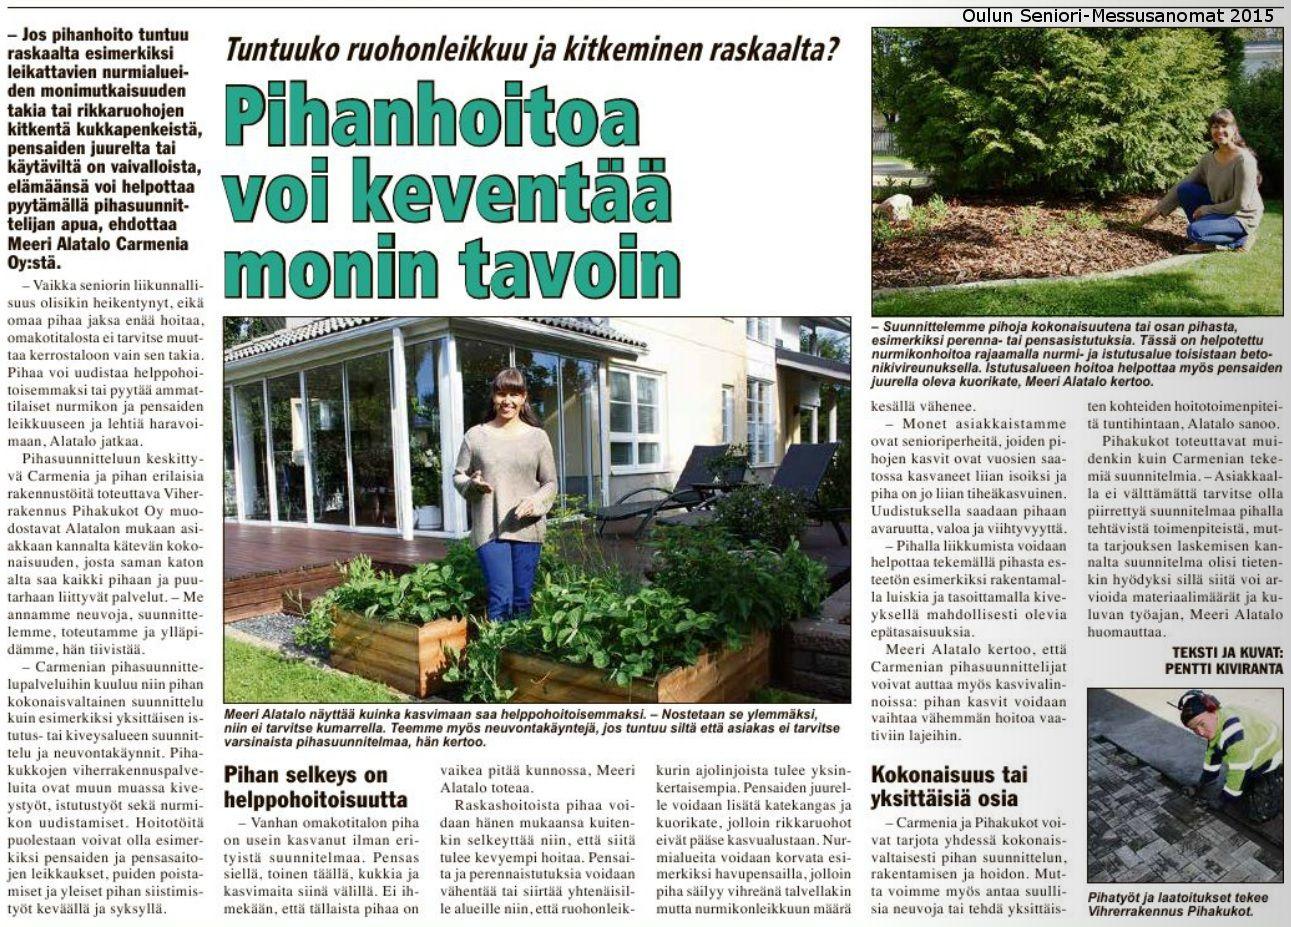 """""""Pihanhoitoa voi keventää monin tavoin"""" Oulun Seniori-messulehti 2015. Vinkkejä pihan helppohoitoisuuden lisäämiseen."""